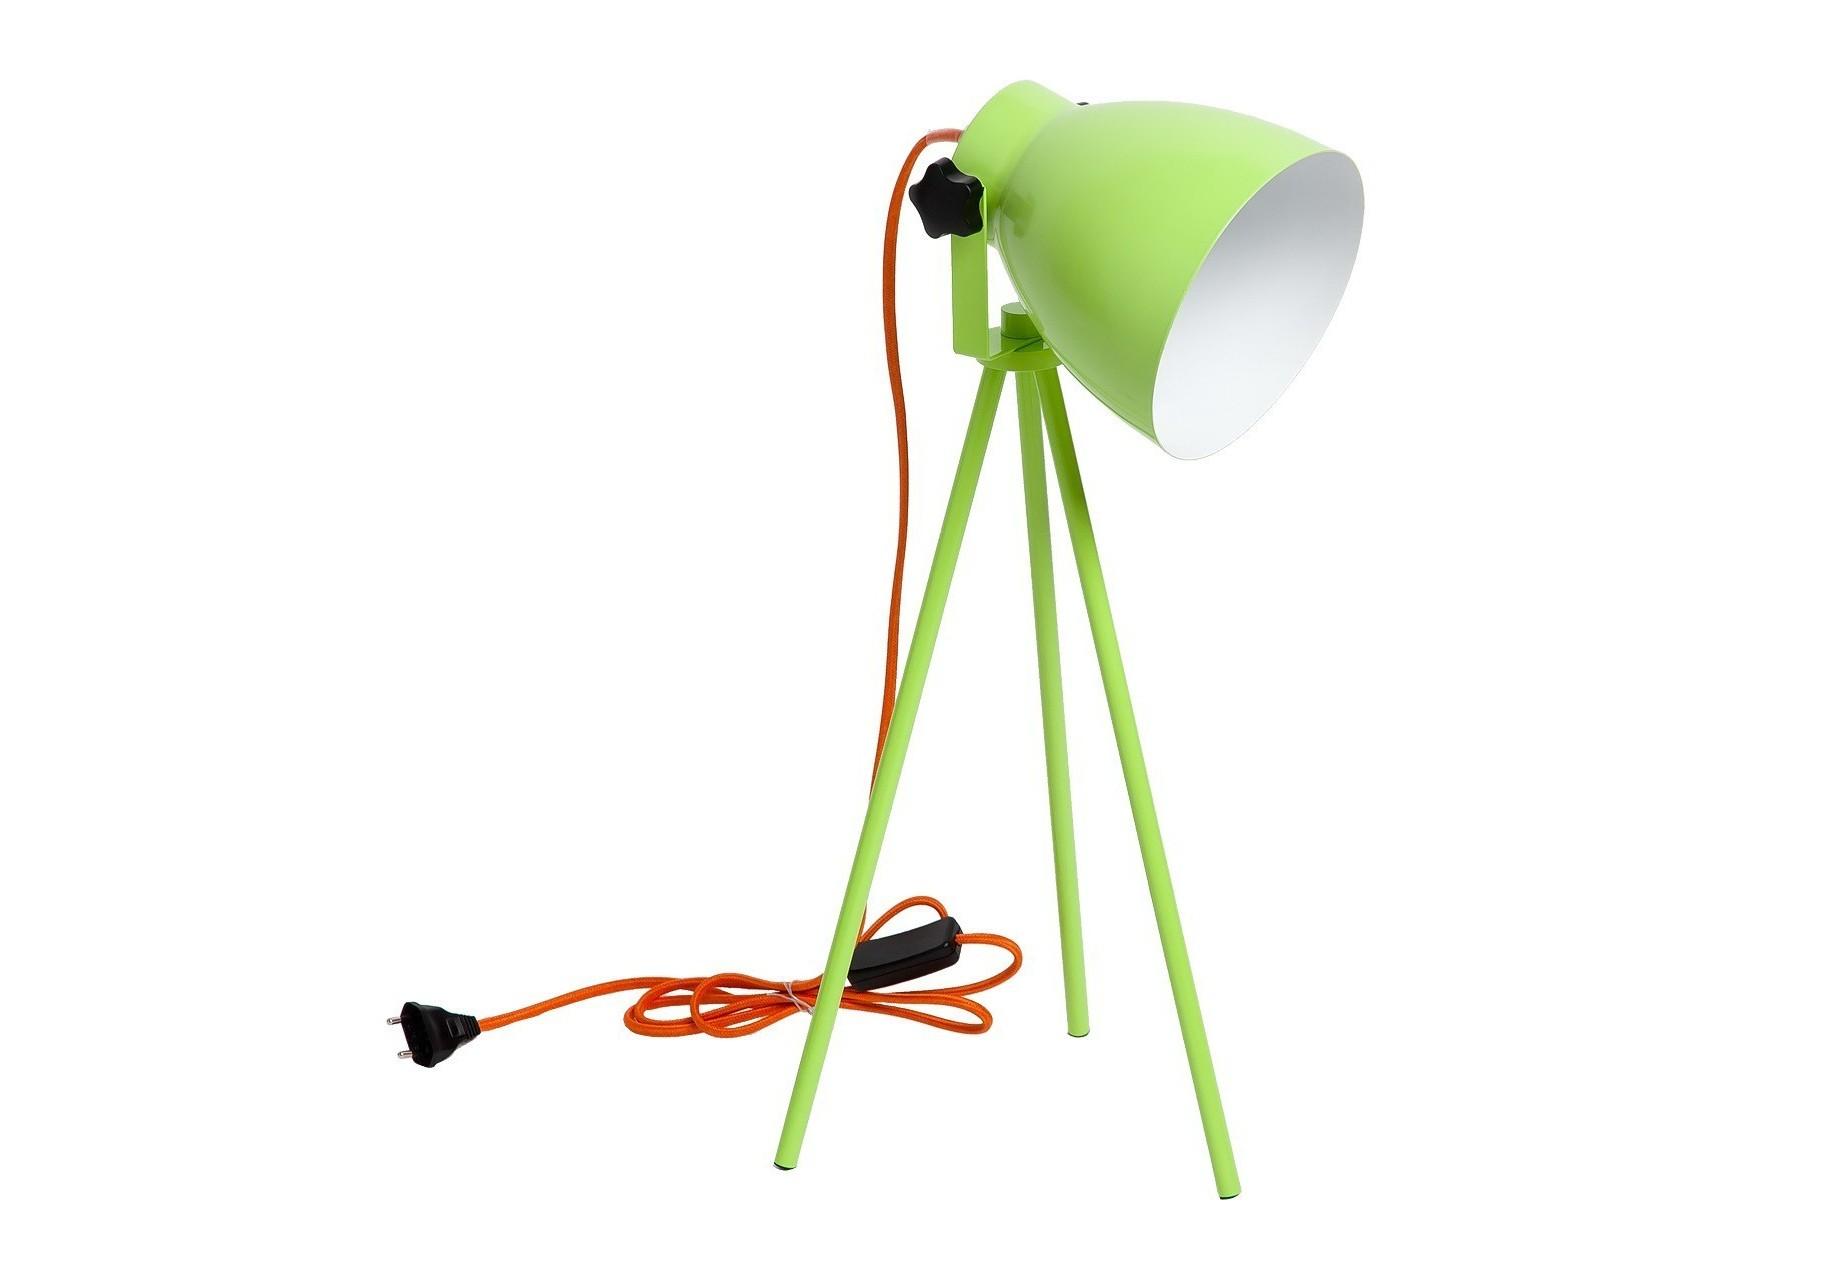 Настольная лампа ХофНастольные лампы<br>Цоколь: E14,&amp;amp;nbsp;&amp;lt;div&amp;gt;Мощность лампы: 40W,&amp;amp;nbsp;&amp;lt;/div&amp;gt;&amp;lt;div&amp;gt;Количество ламп: 1&amp;amp;nbsp;&amp;lt;/div&amp;gt;&amp;lt;div&amp;gt;Без лампочек в комплекте.&amp;lt;/div&amp;gt;<br><br>Material: Металл<br>Высота см: 54